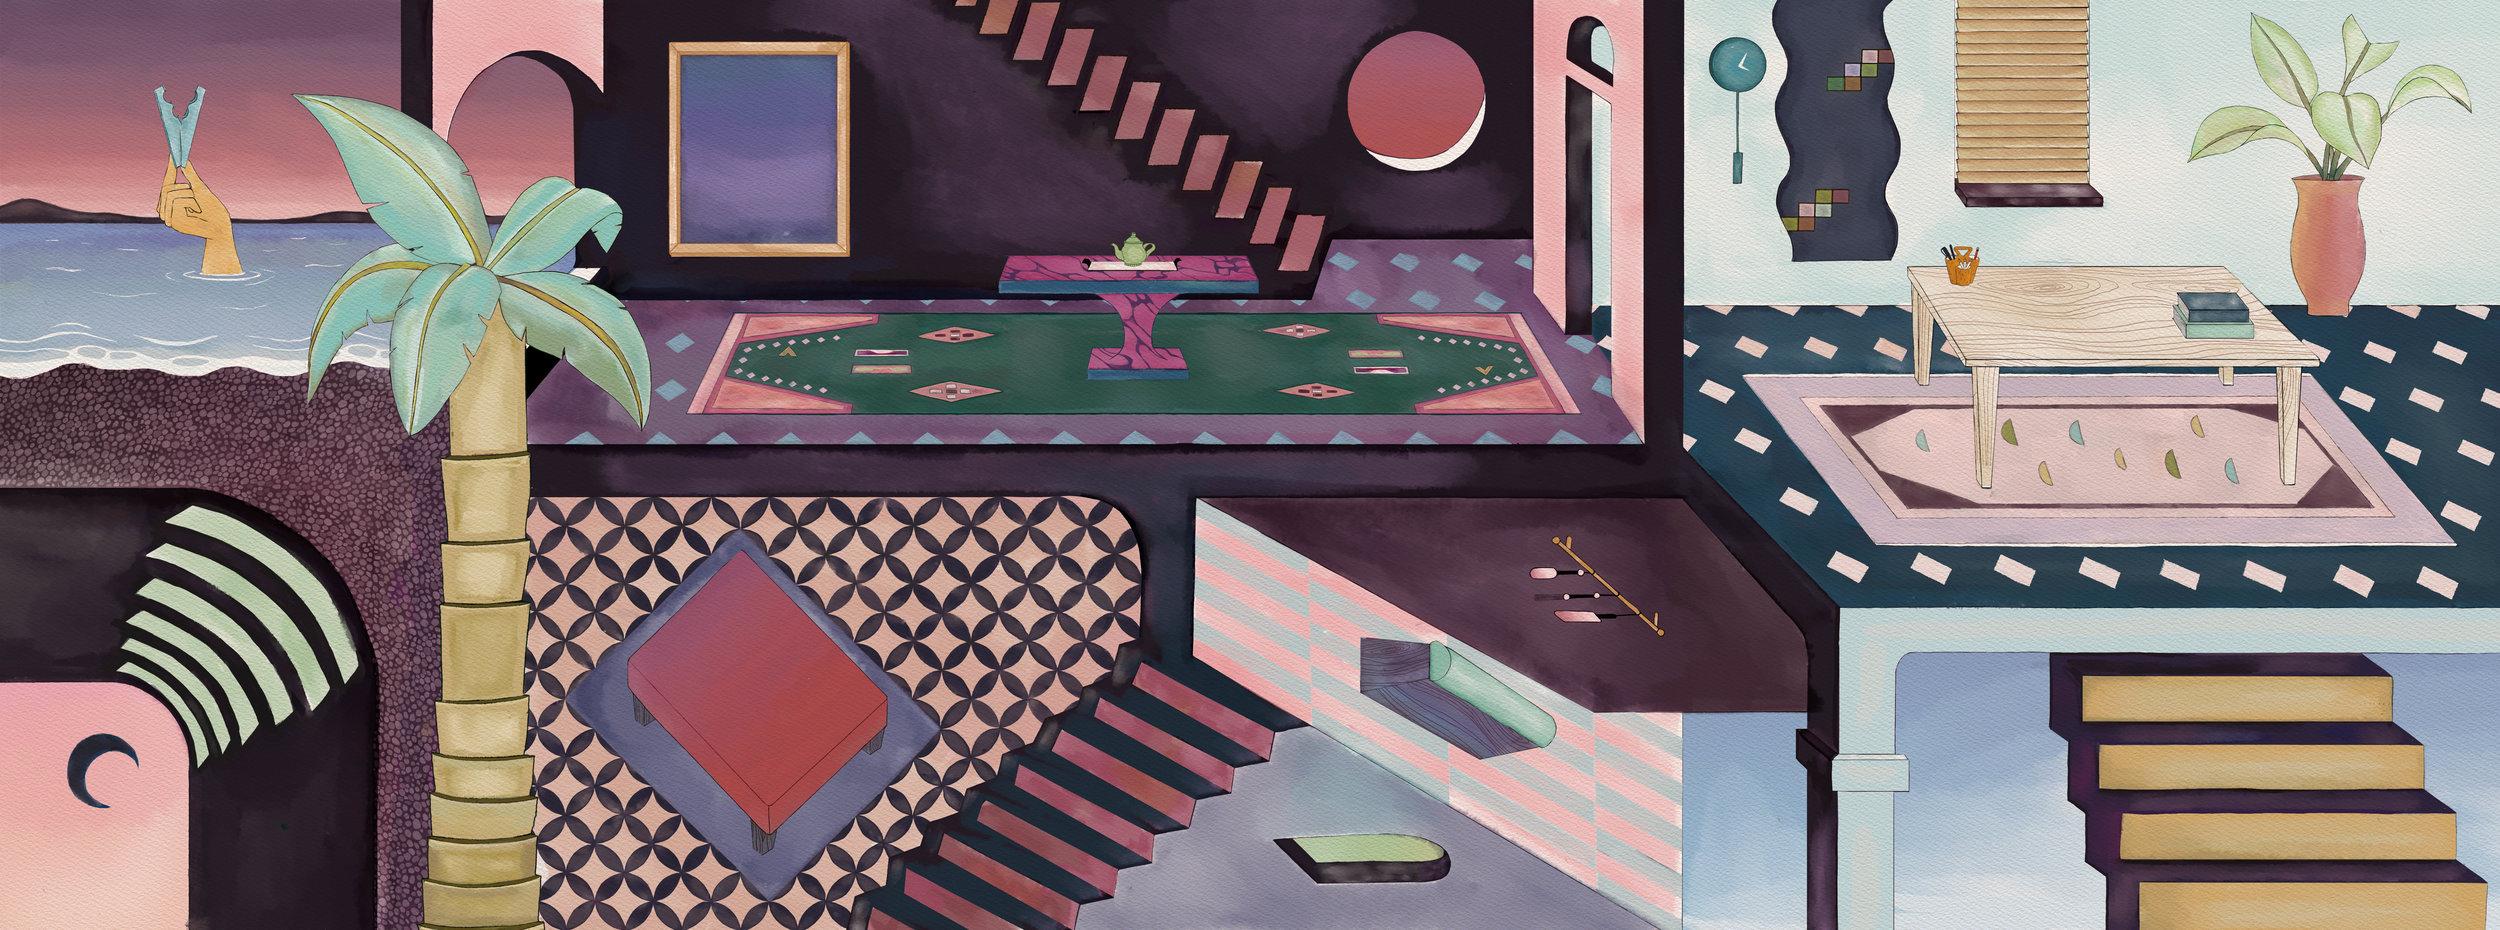 Kink World    Background Design